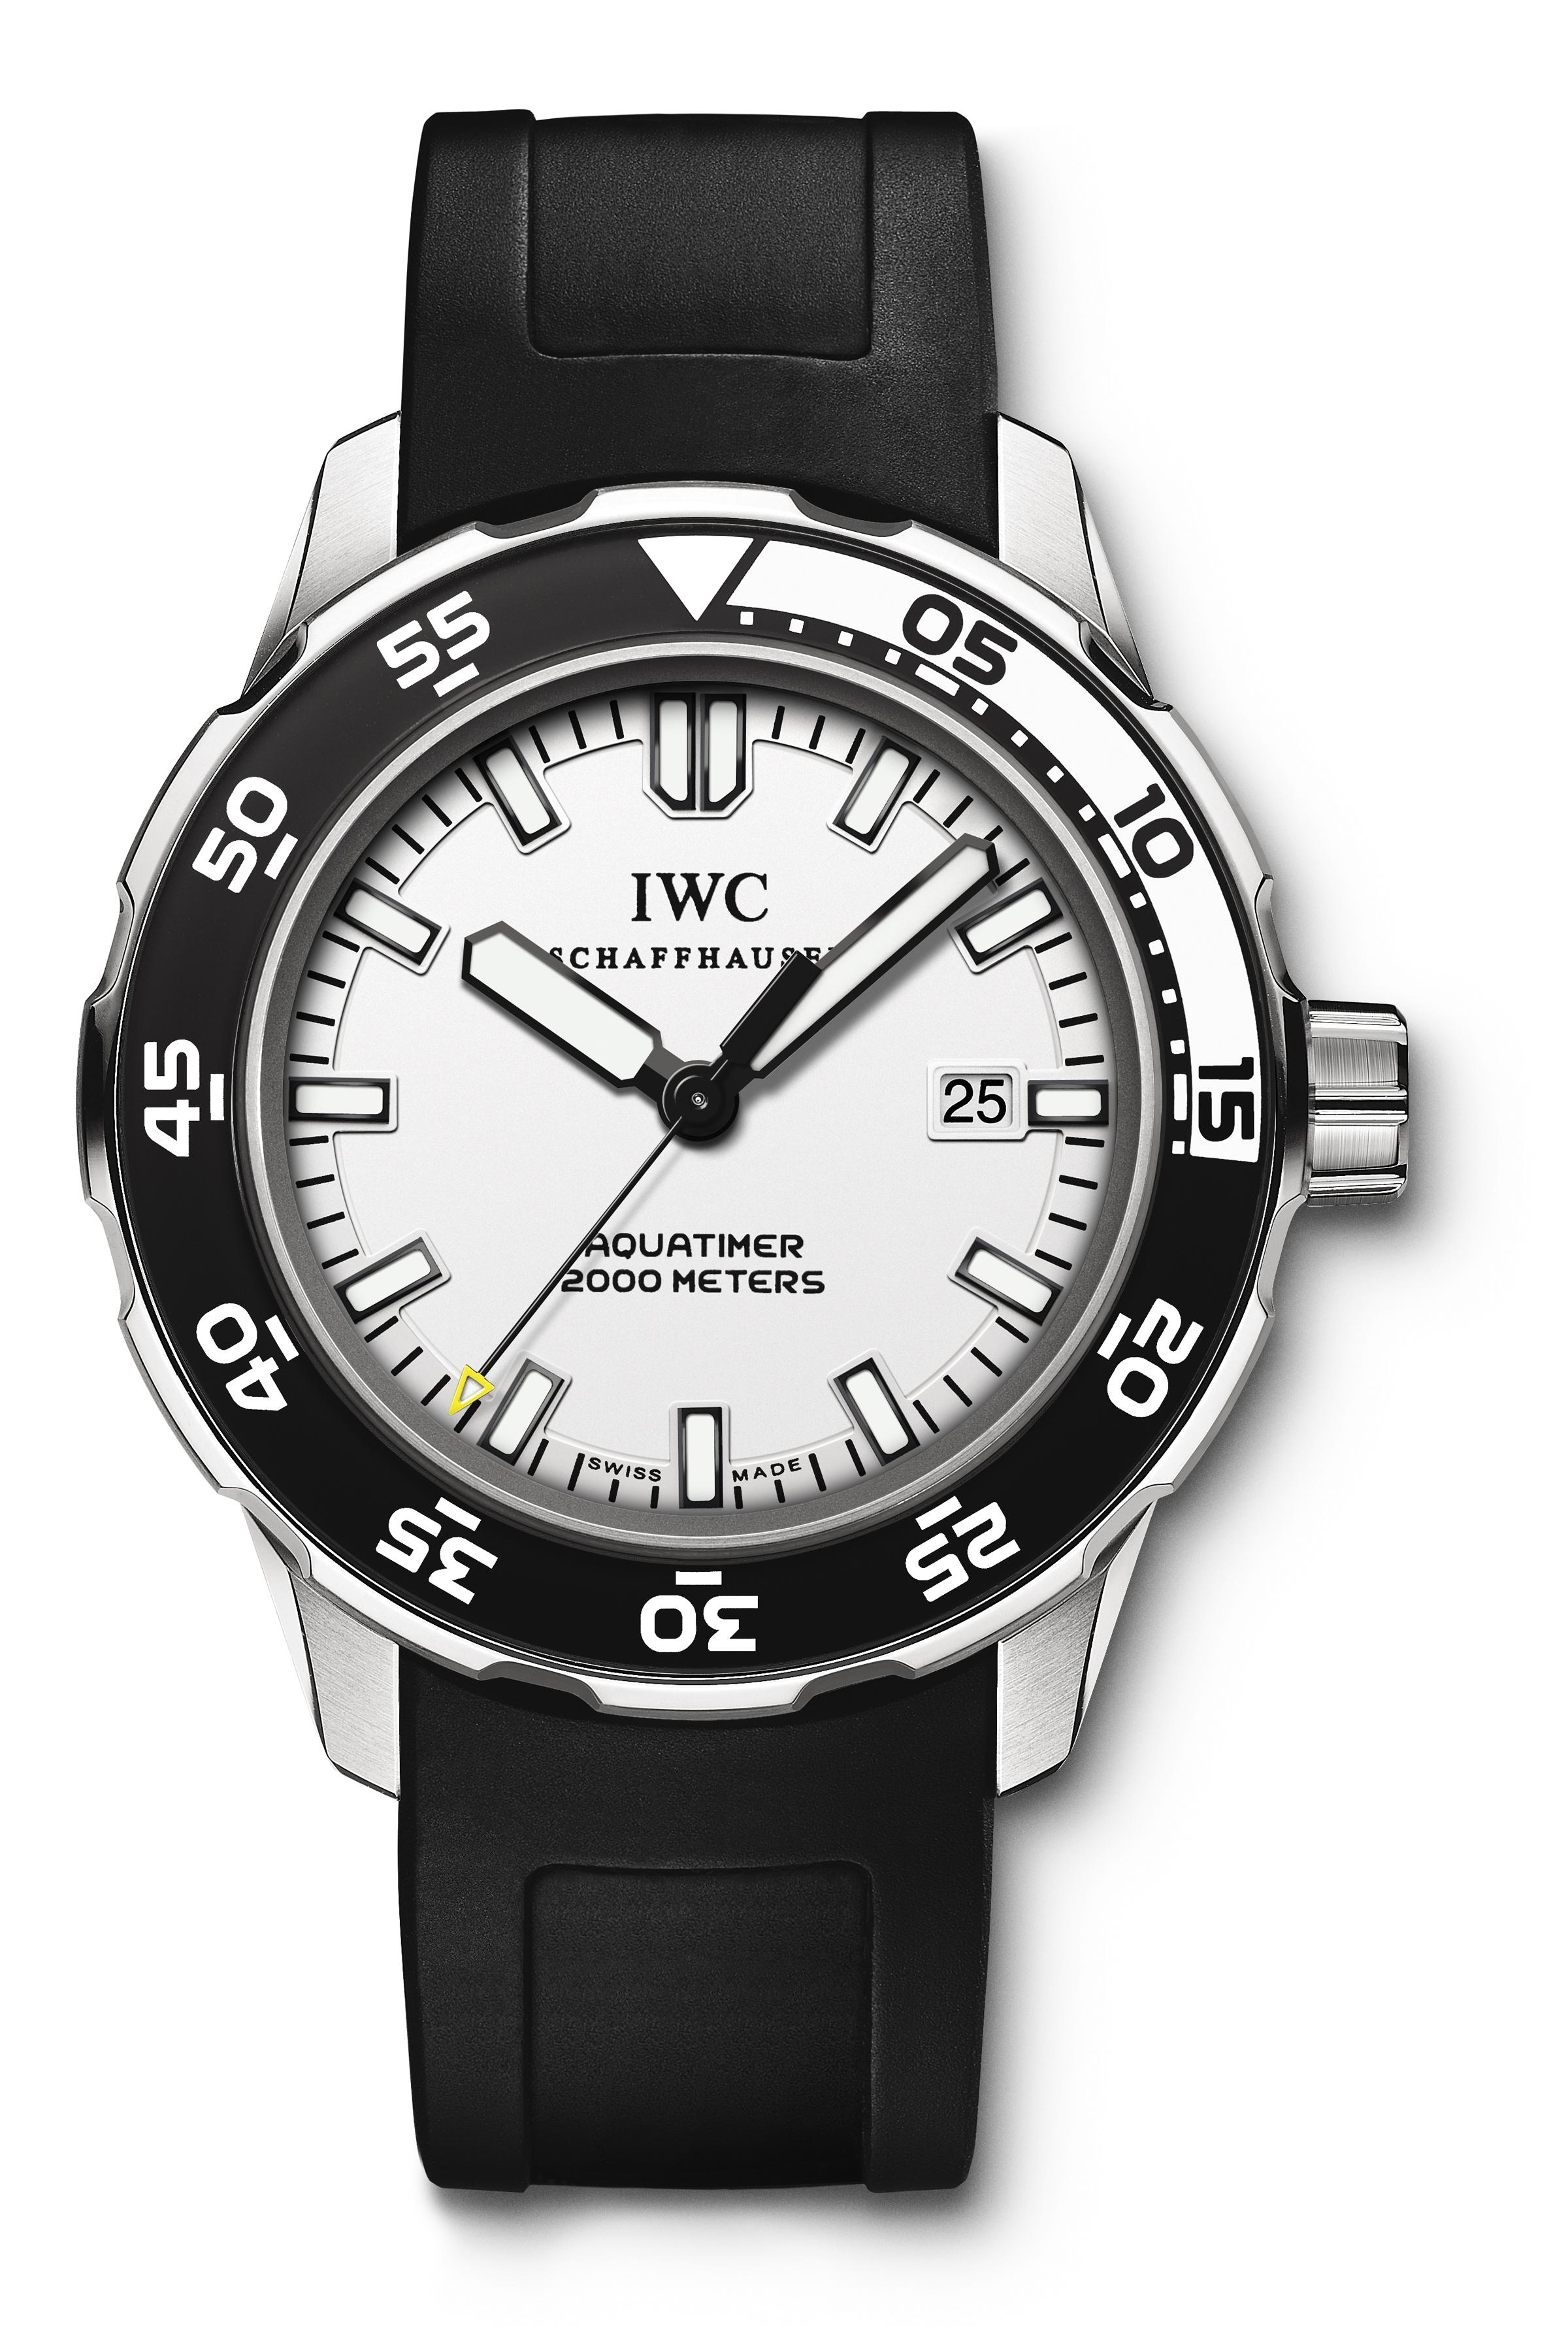 ���� IWC Aquatimer Automatic 2000